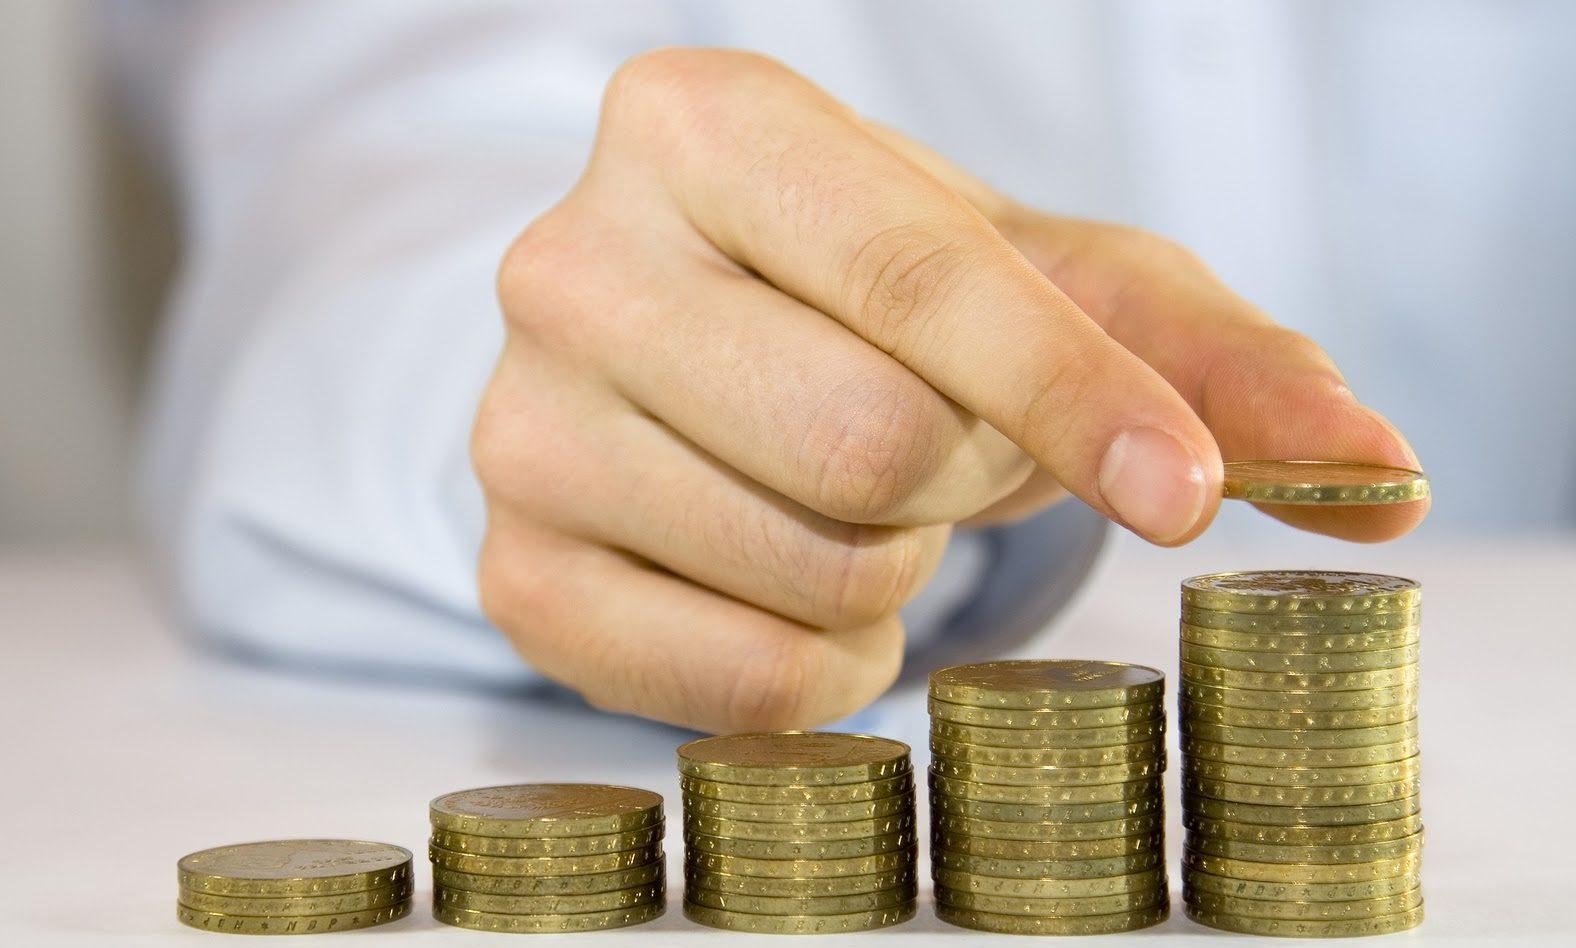 hogyan lehet pénzt keresni, amikor diák vagy)